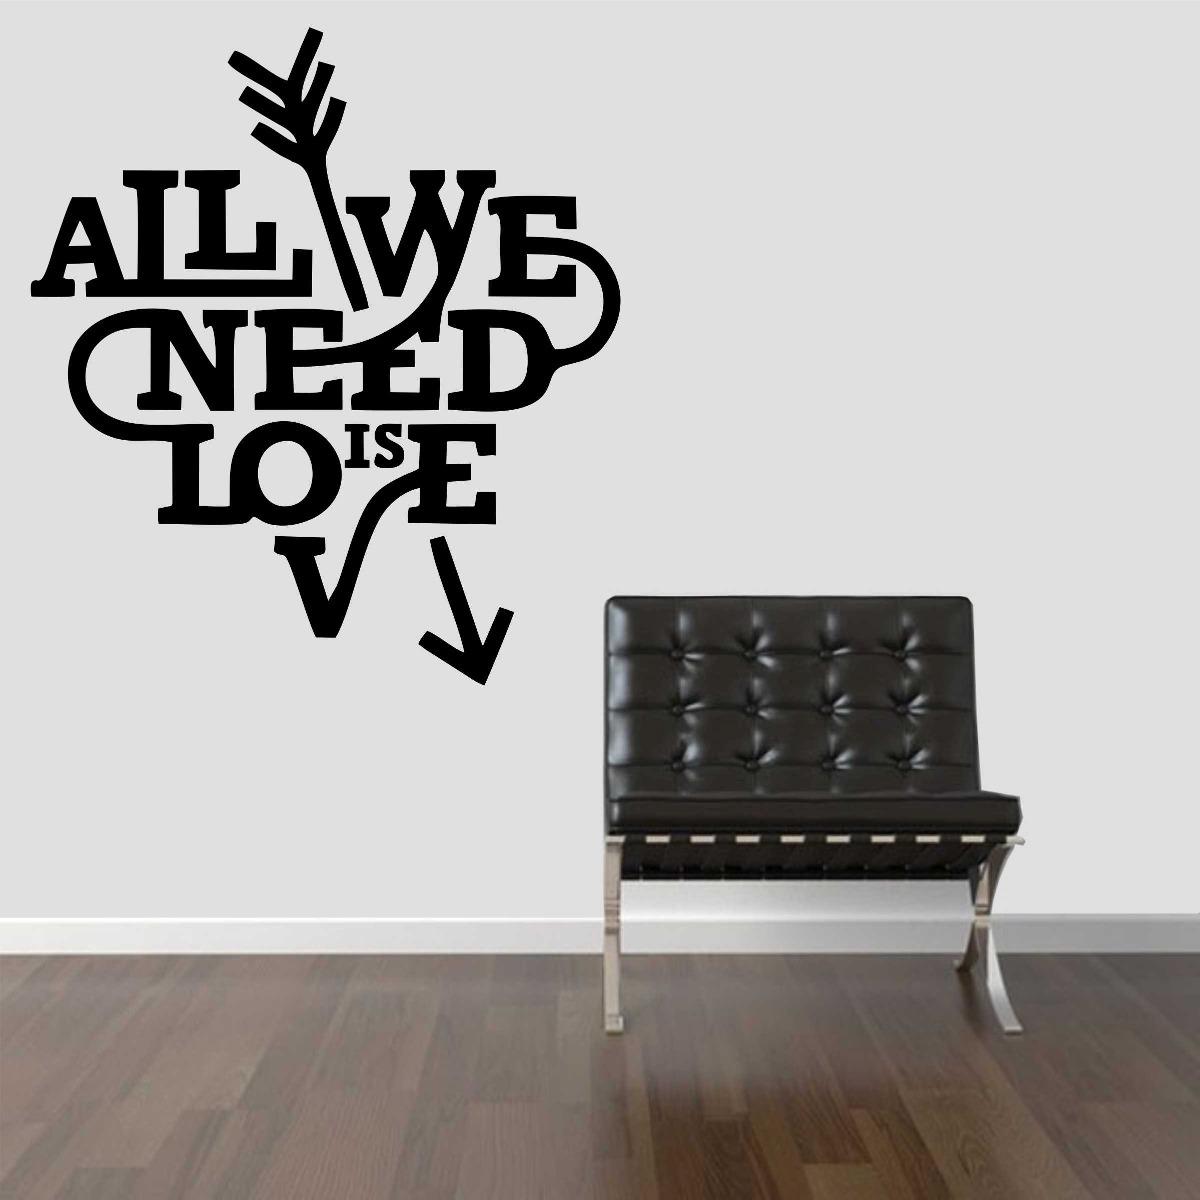 Adesivo De Parede All You Need Is Love ~ Adesivo Decorativo Parede Frase All You Need Is Love Beatles R$ 24,99 no MercadoLivre